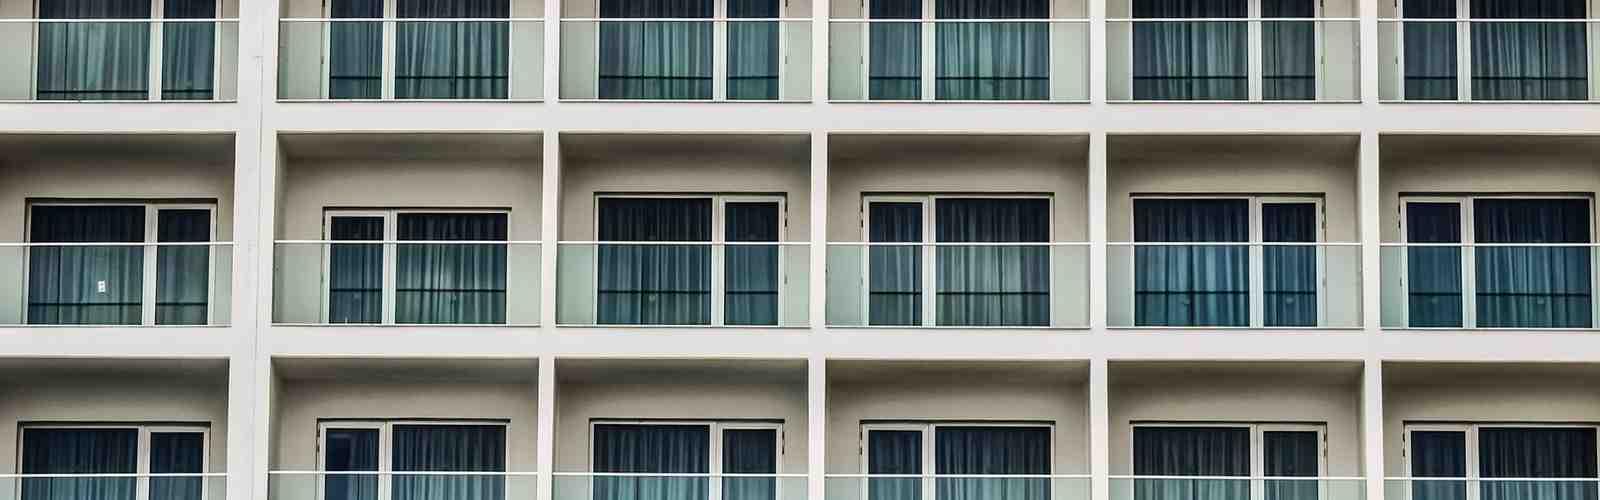 centralino hotel tim